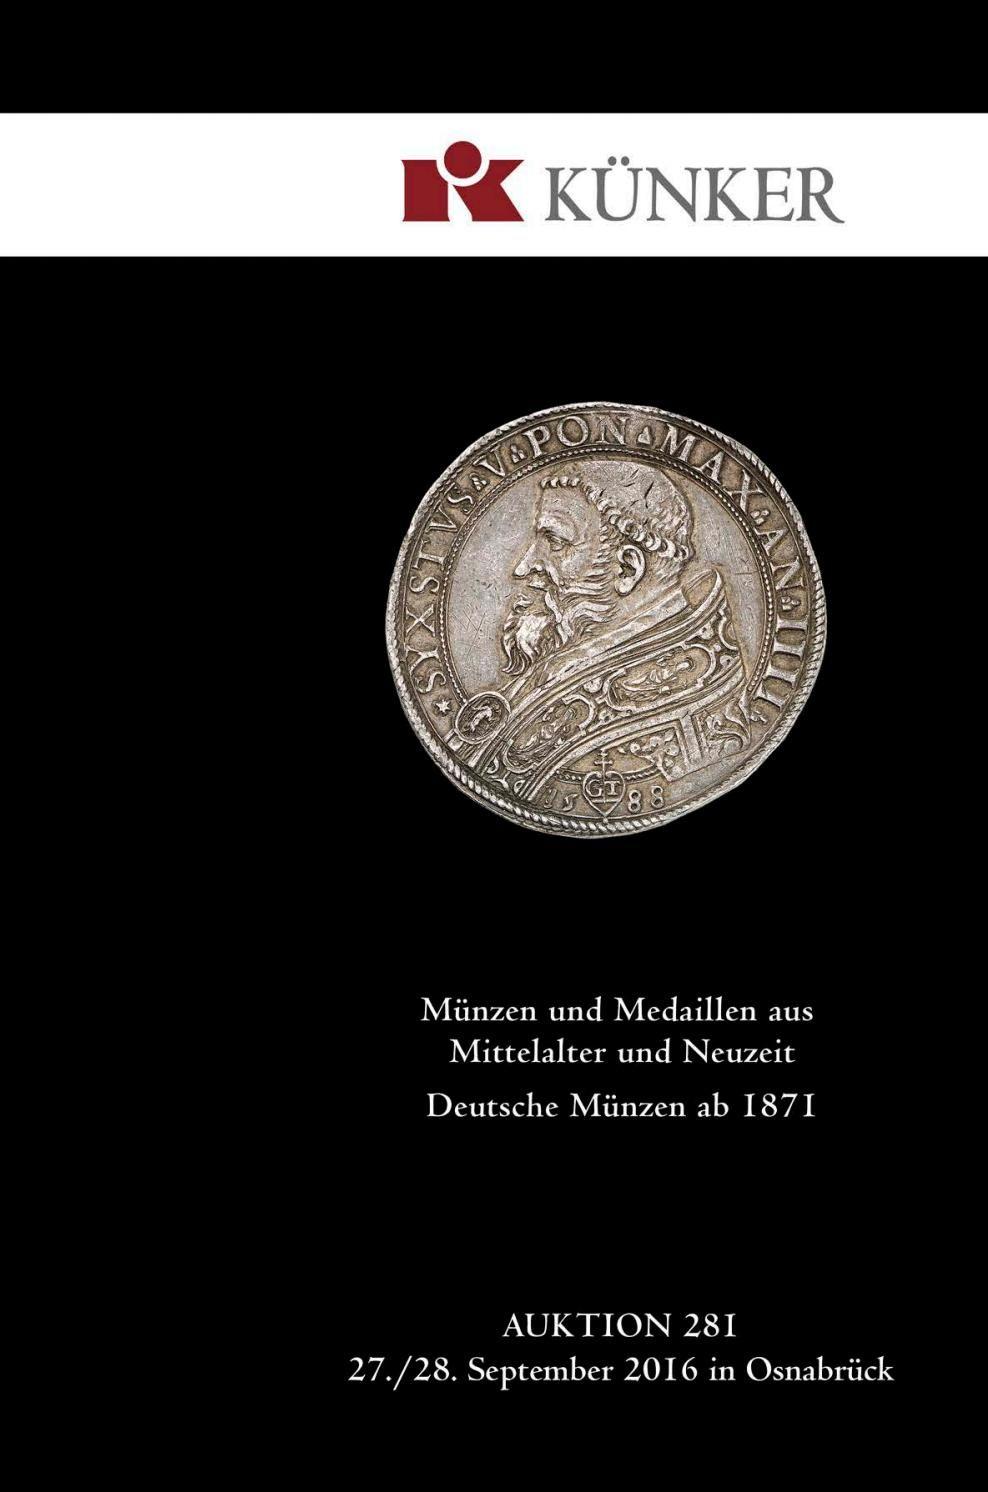 Künker Auktion 281 Münzen Und Medaillen Aus Mittelalter Und Neuzeit